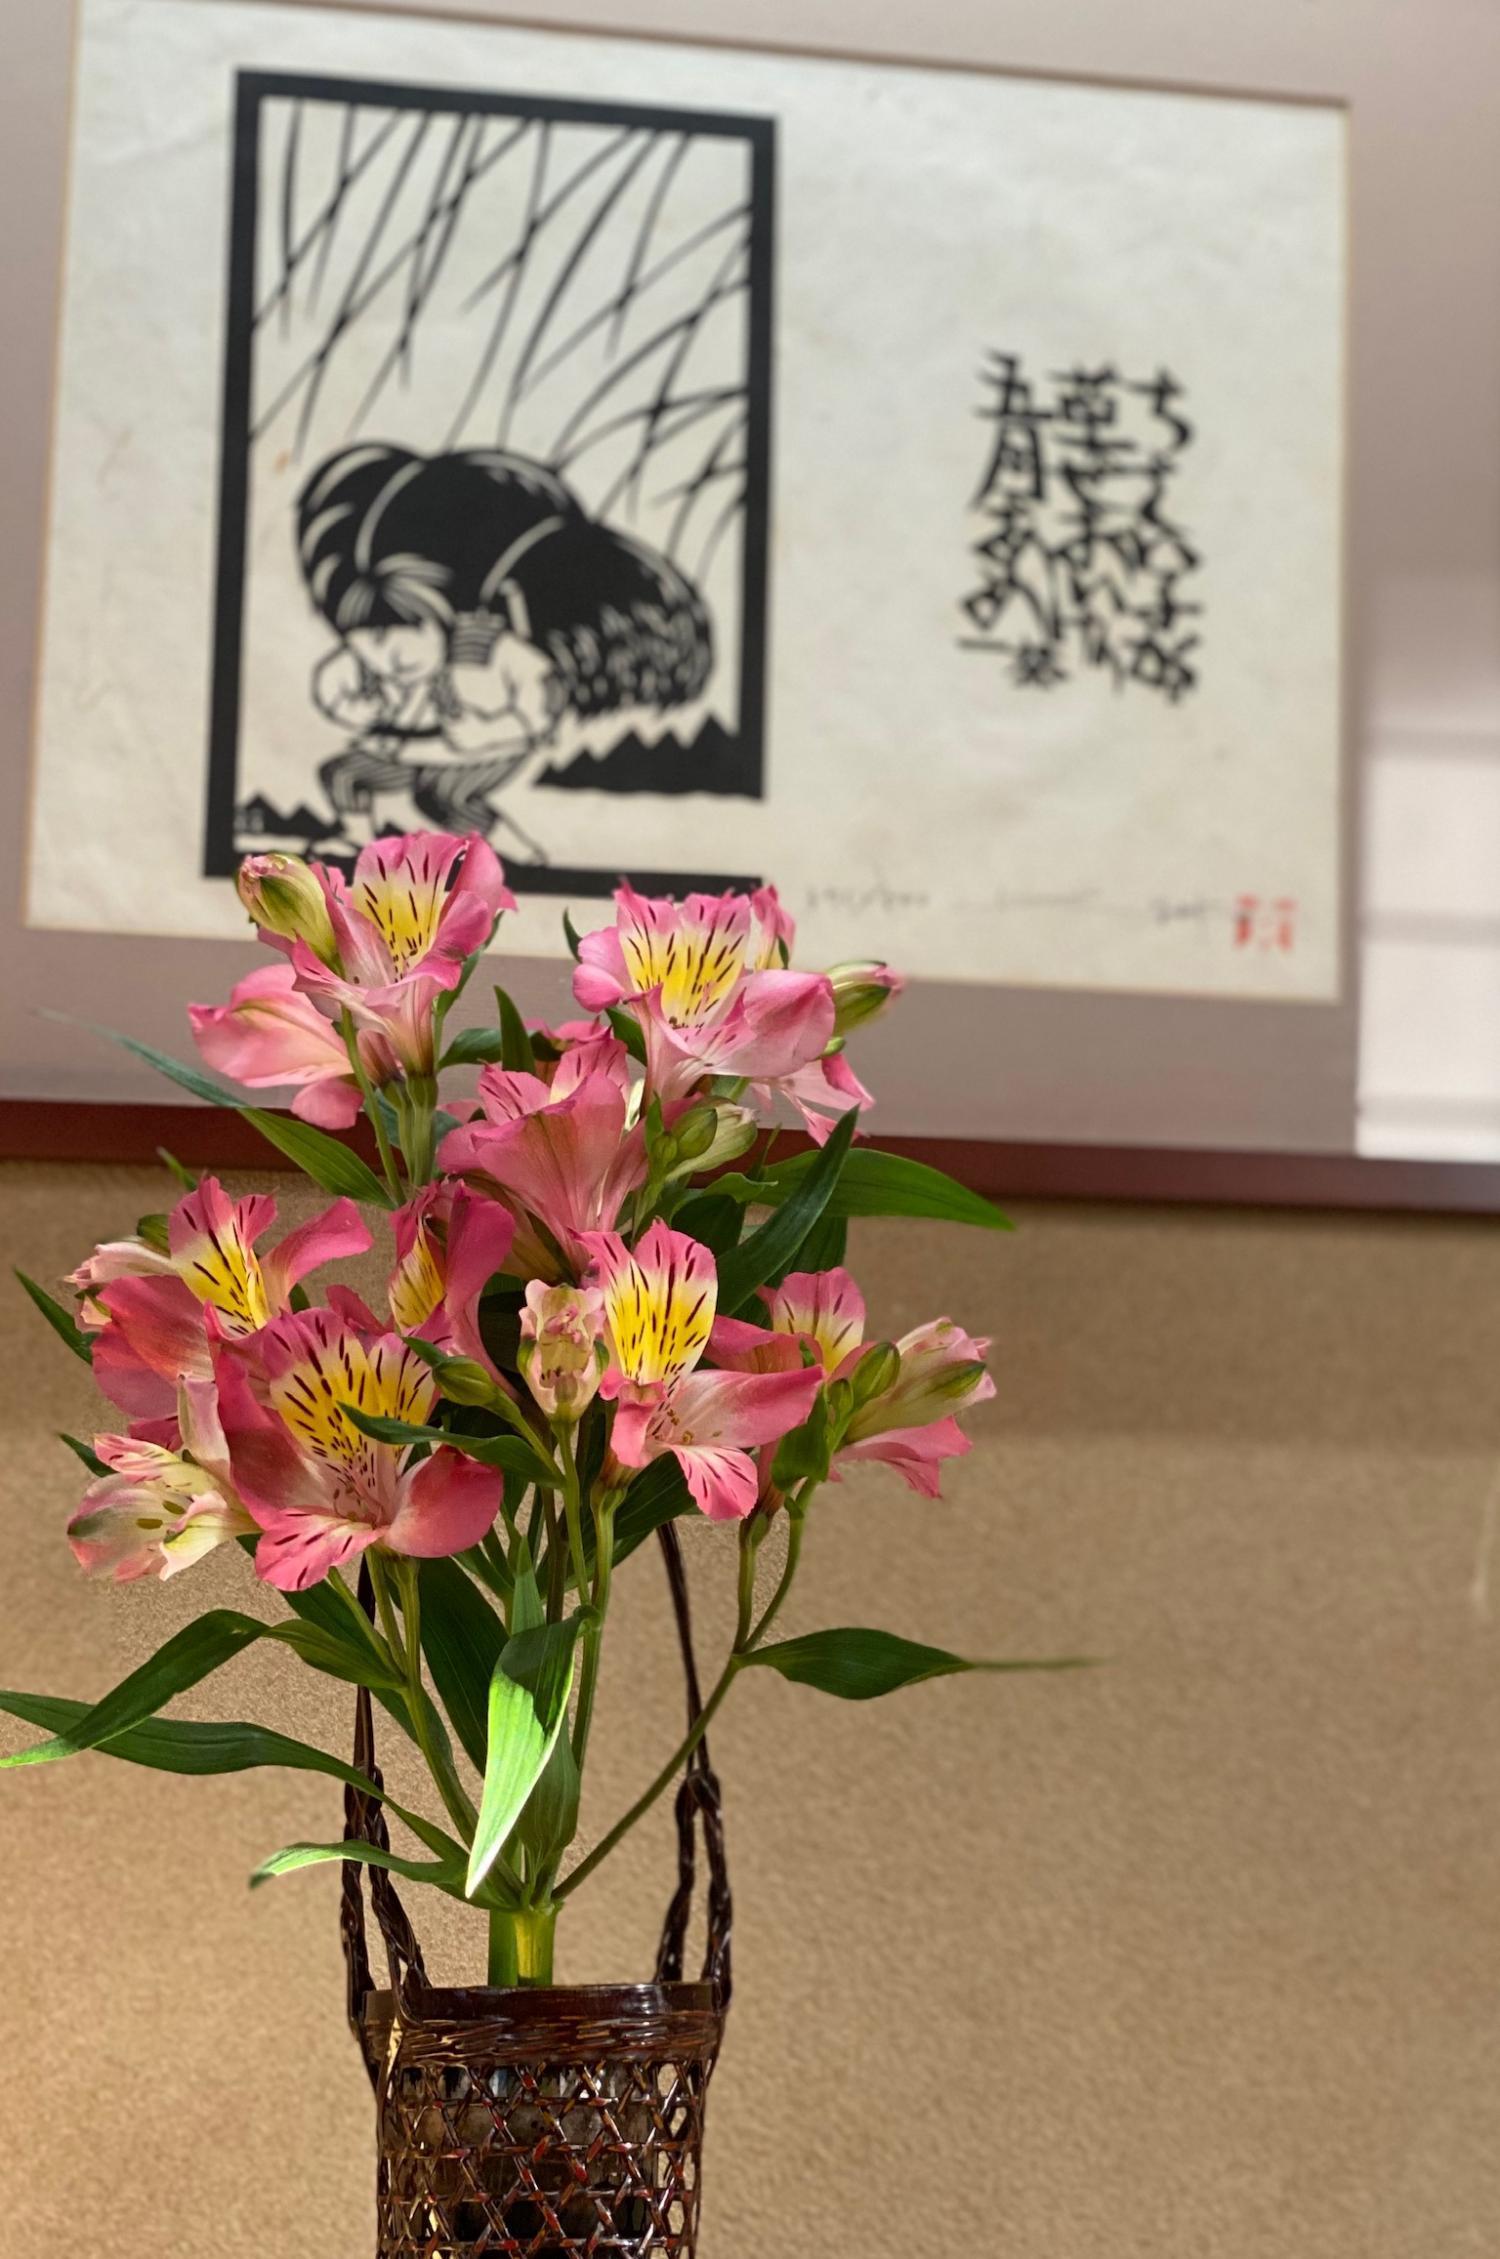 05202020higashiishikawa13.jpeg